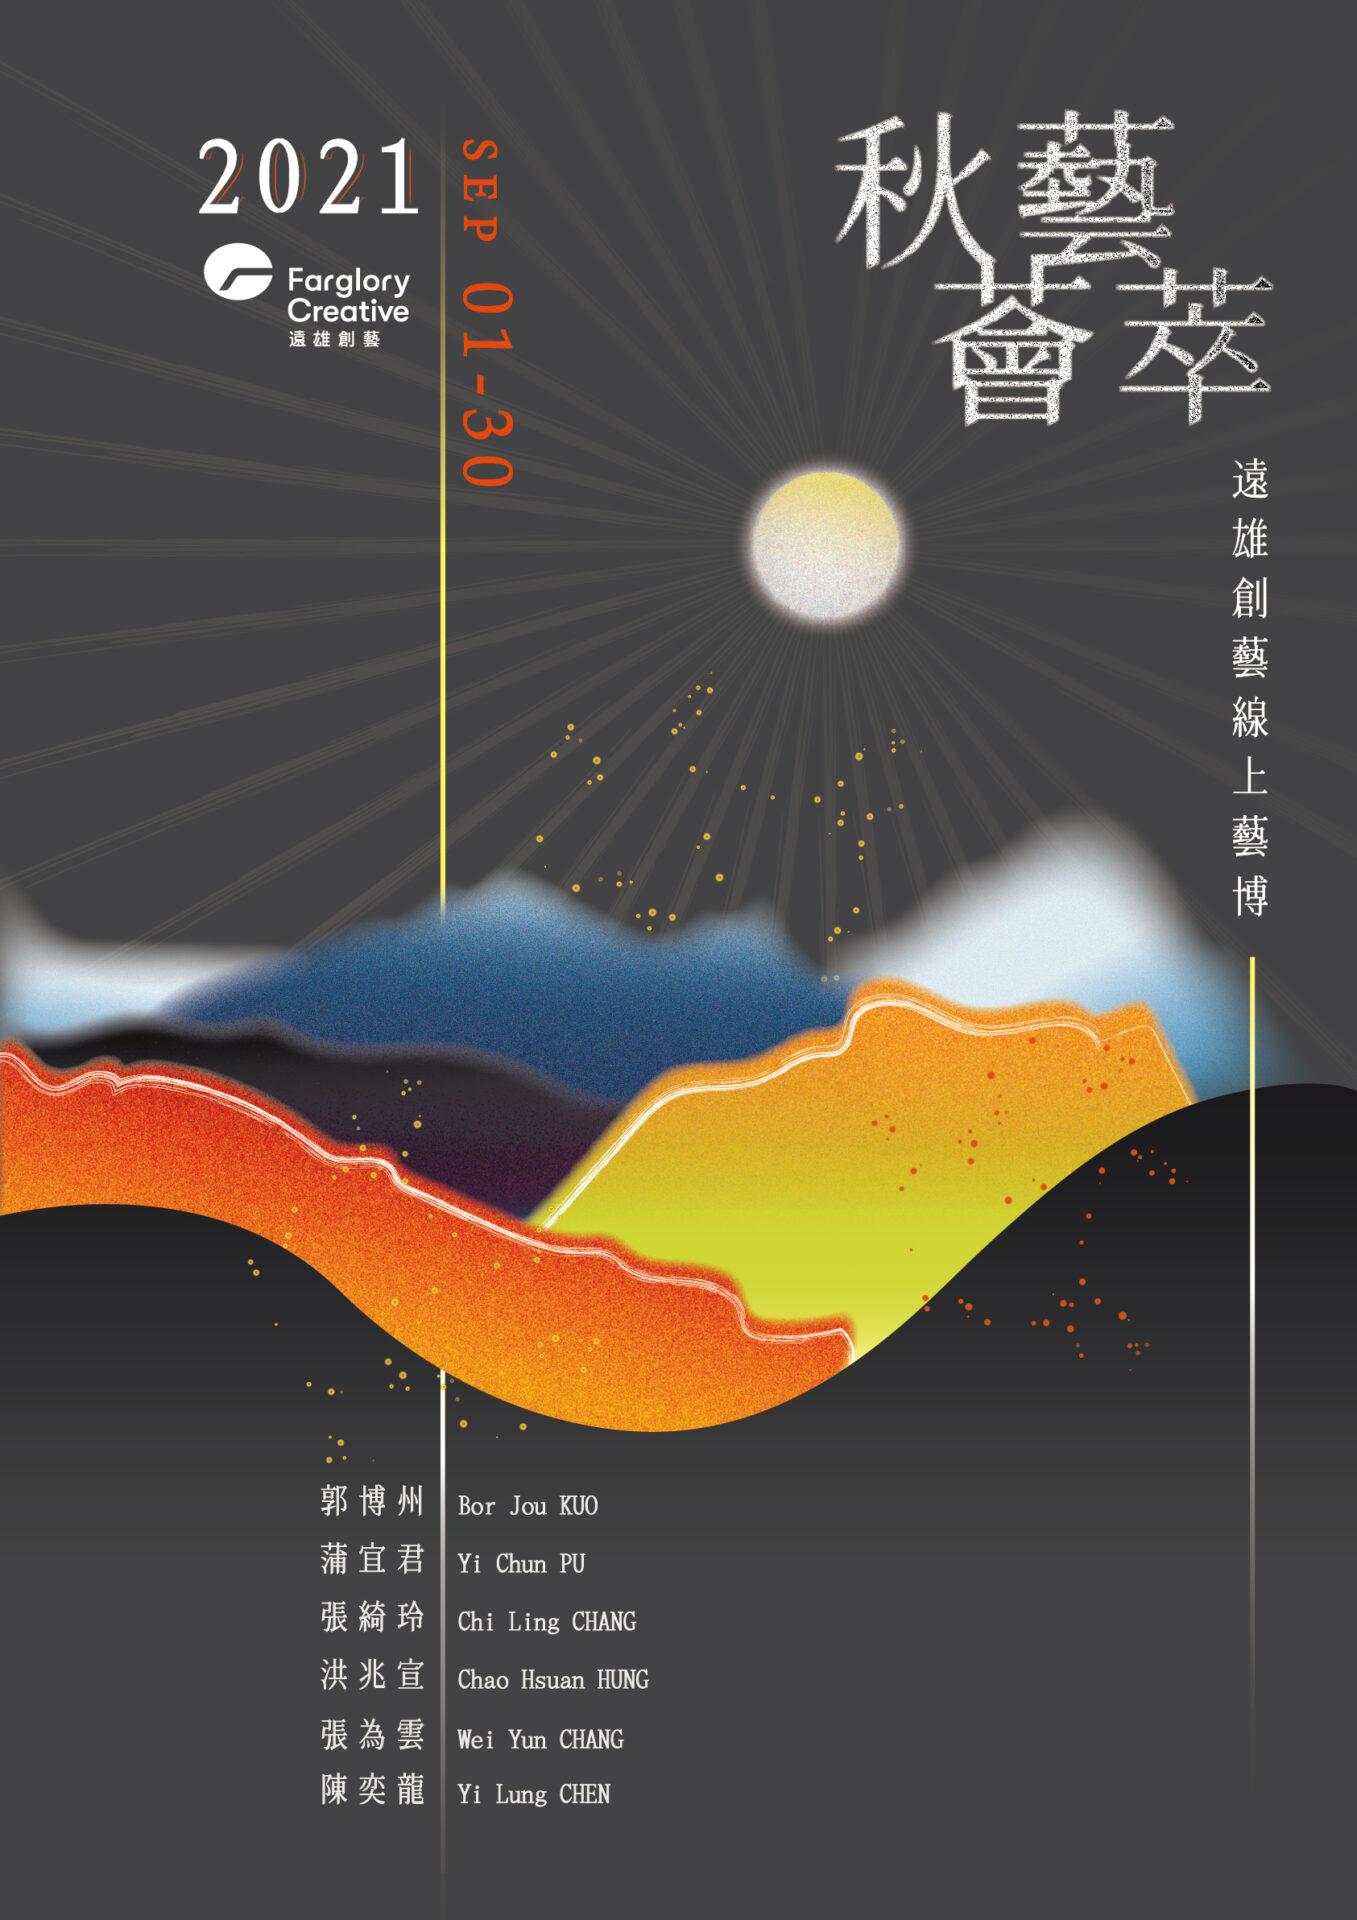 人文遠雄展覽館:9/1-9/30【遠雄創藝2021線上藝博】